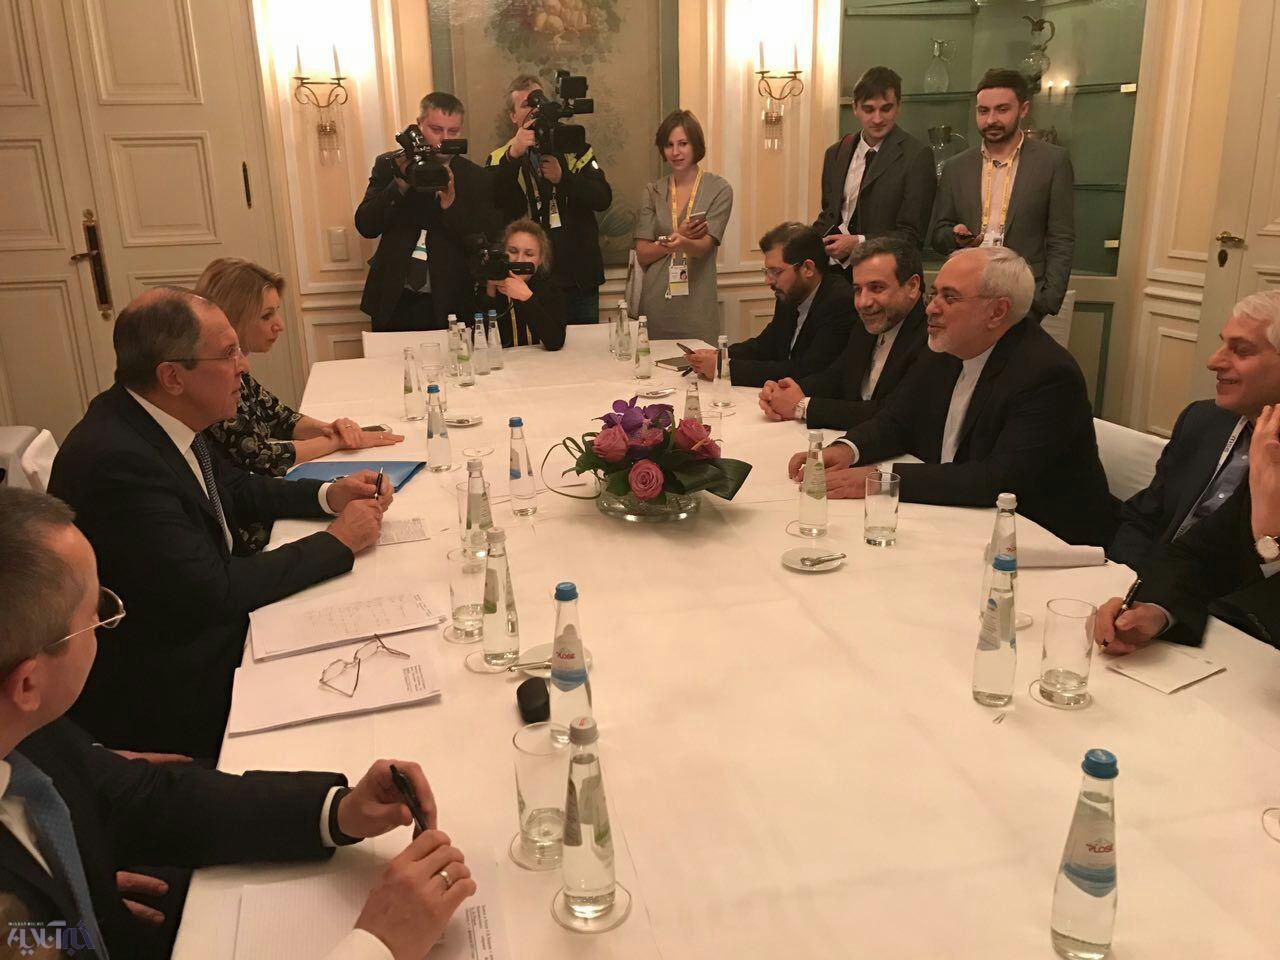 عکس | دیدار وزرای خارجه ایران و روسیه در حاشیه کنفرانس مونیخ